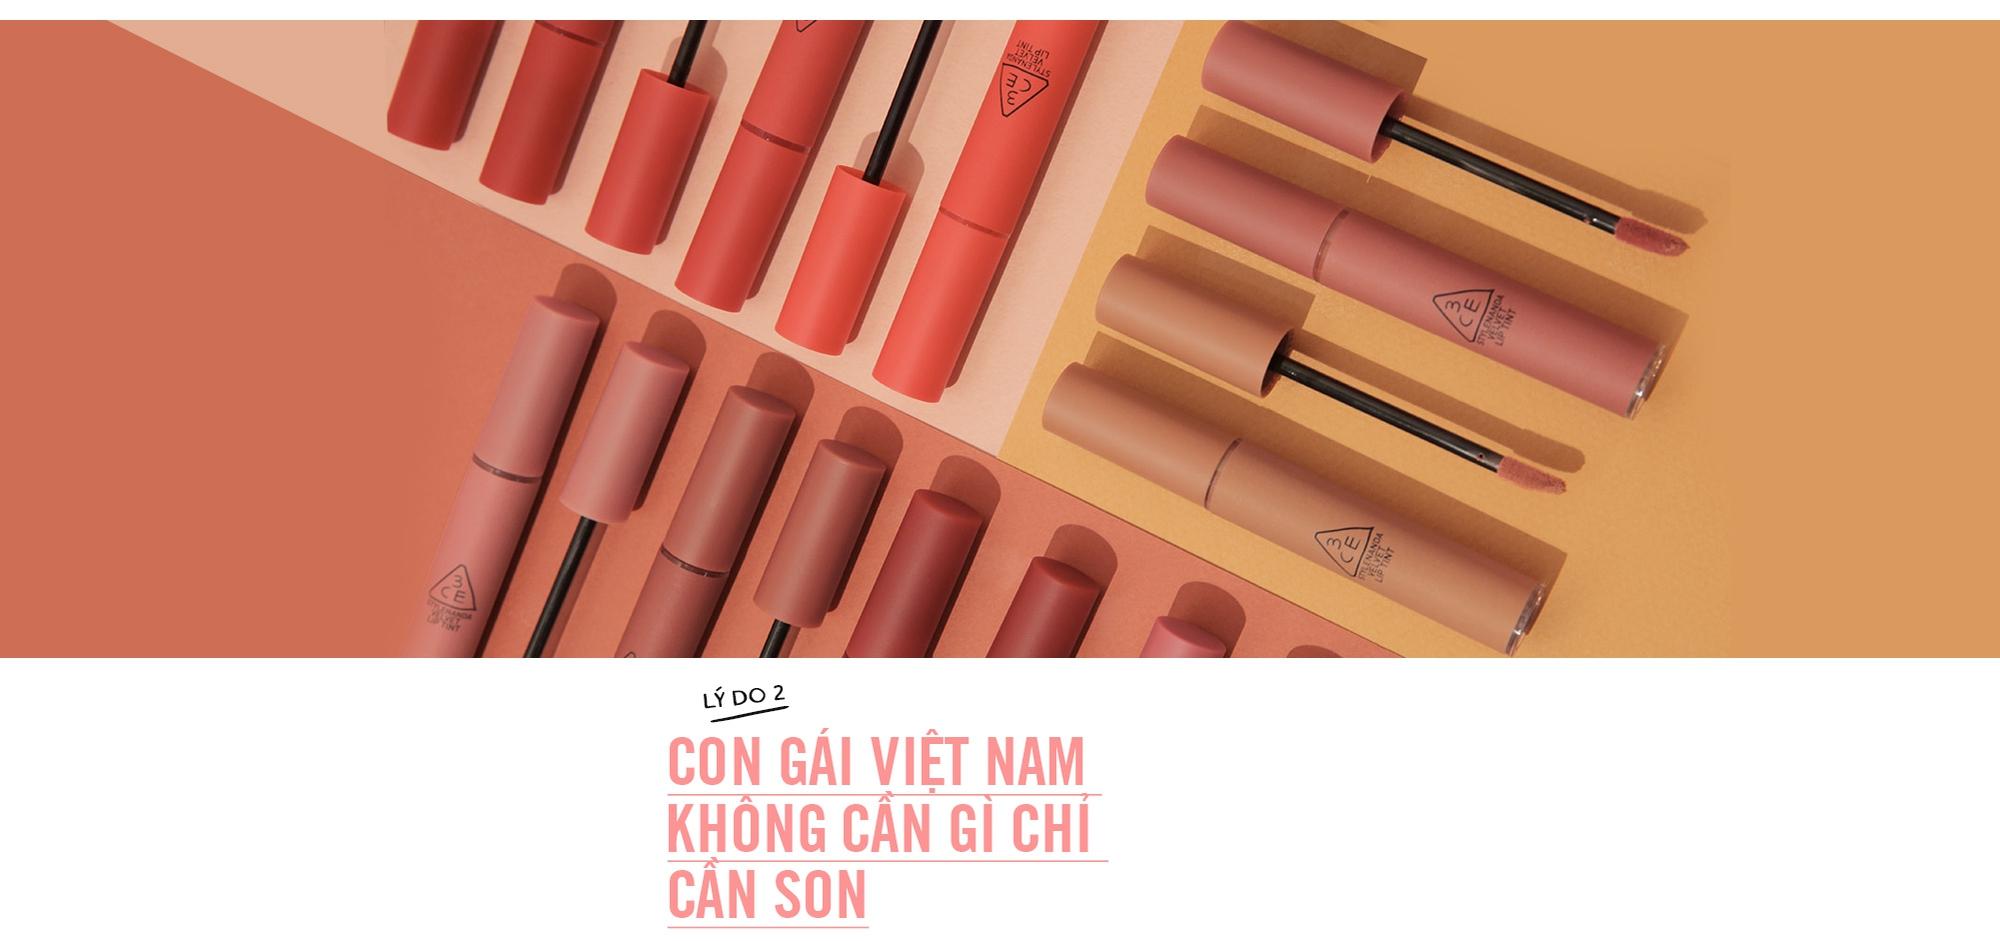 3CE cứ ra son đi, việc mua cháy hàng đã có con gái Việt Nam lo rồi! - Ảnh 5.